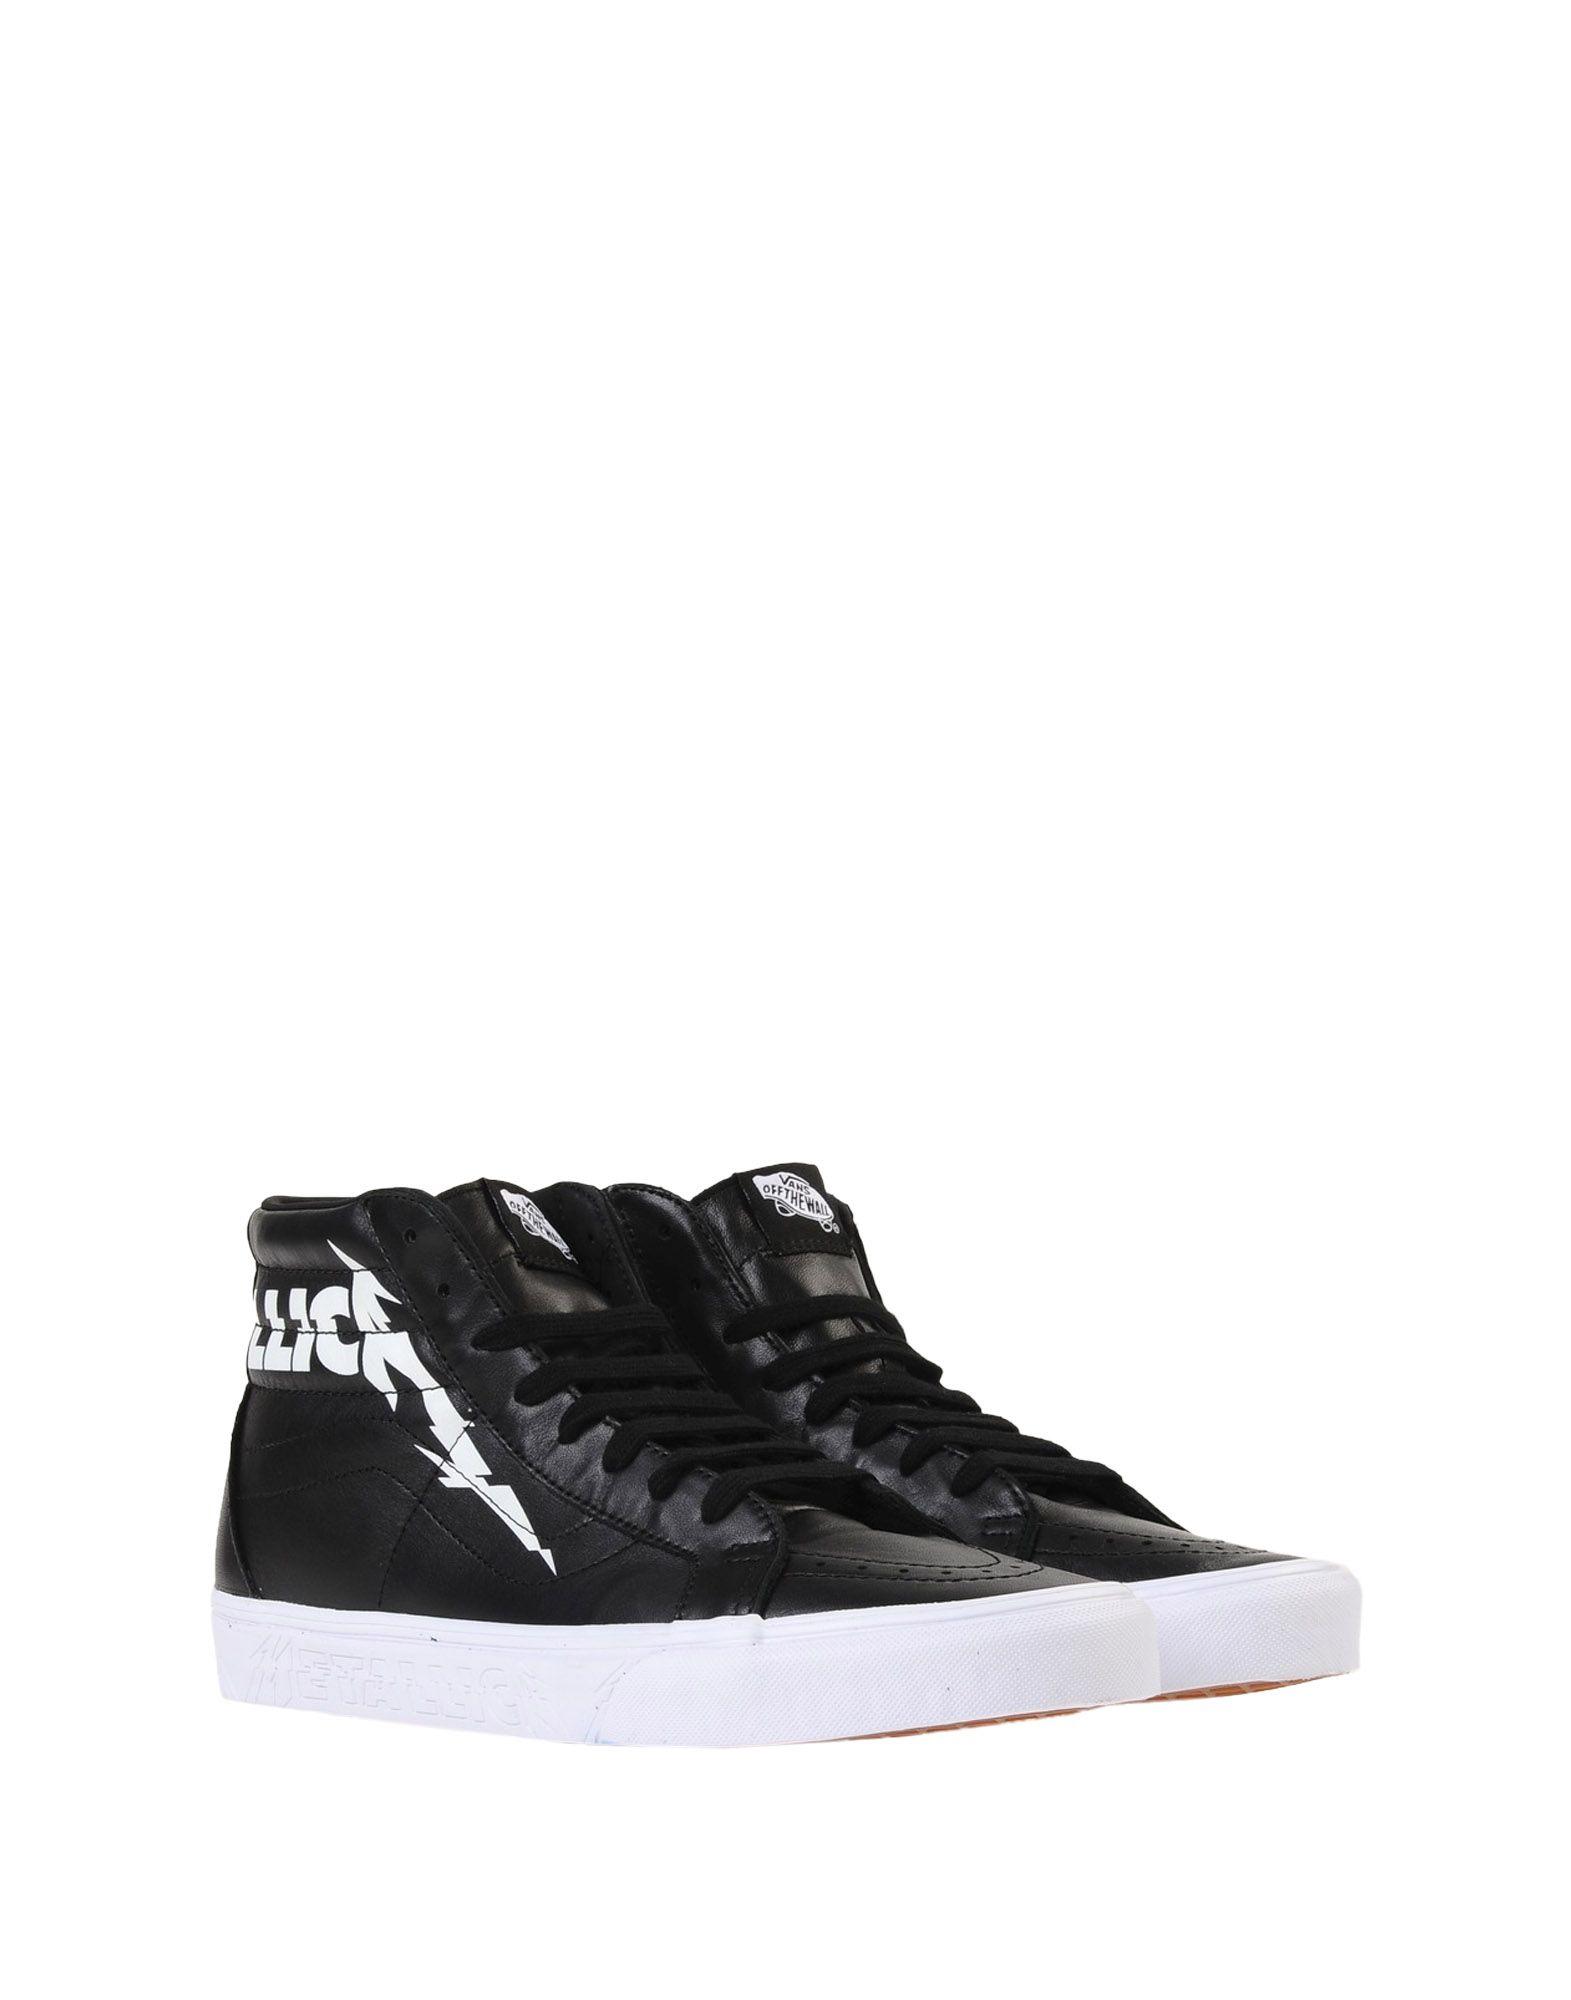 Sneakers Vans Ua Sk8-Hi Reissue - Homme - Sneakers Vans sur